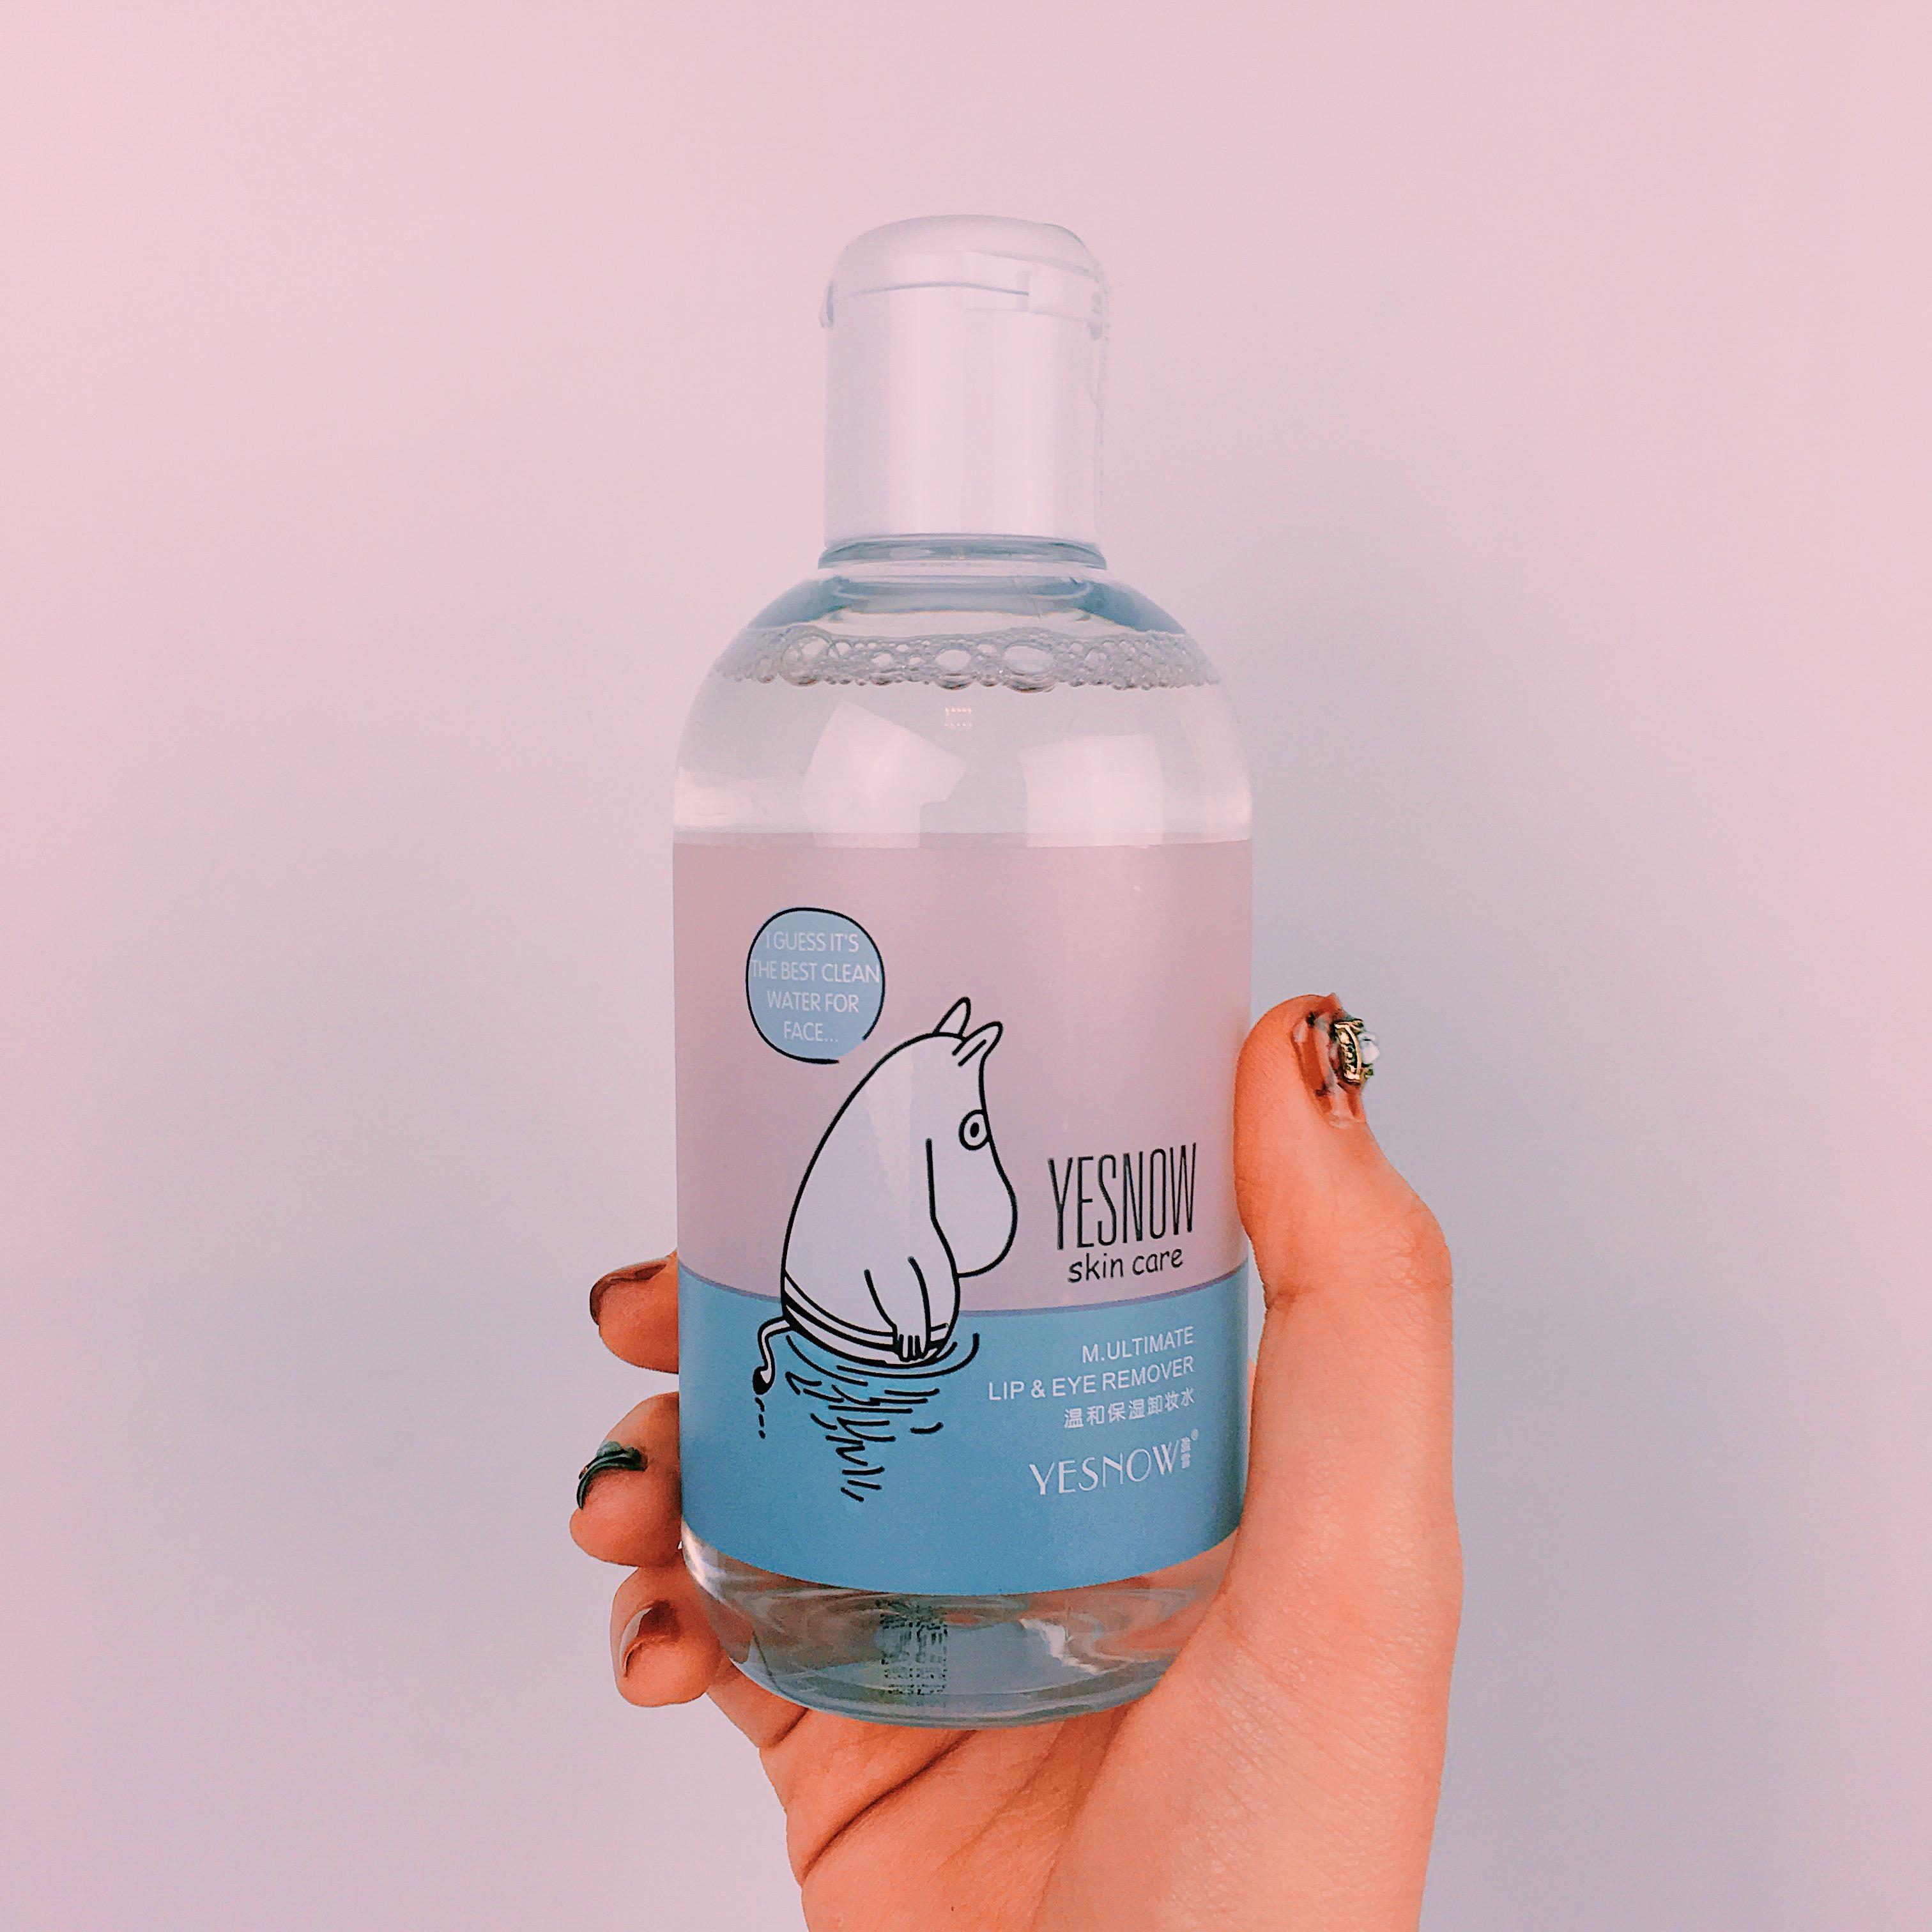 天天特价盈雪 小河马敏感肌专用温和保湿卸妆水 清爽无刺激